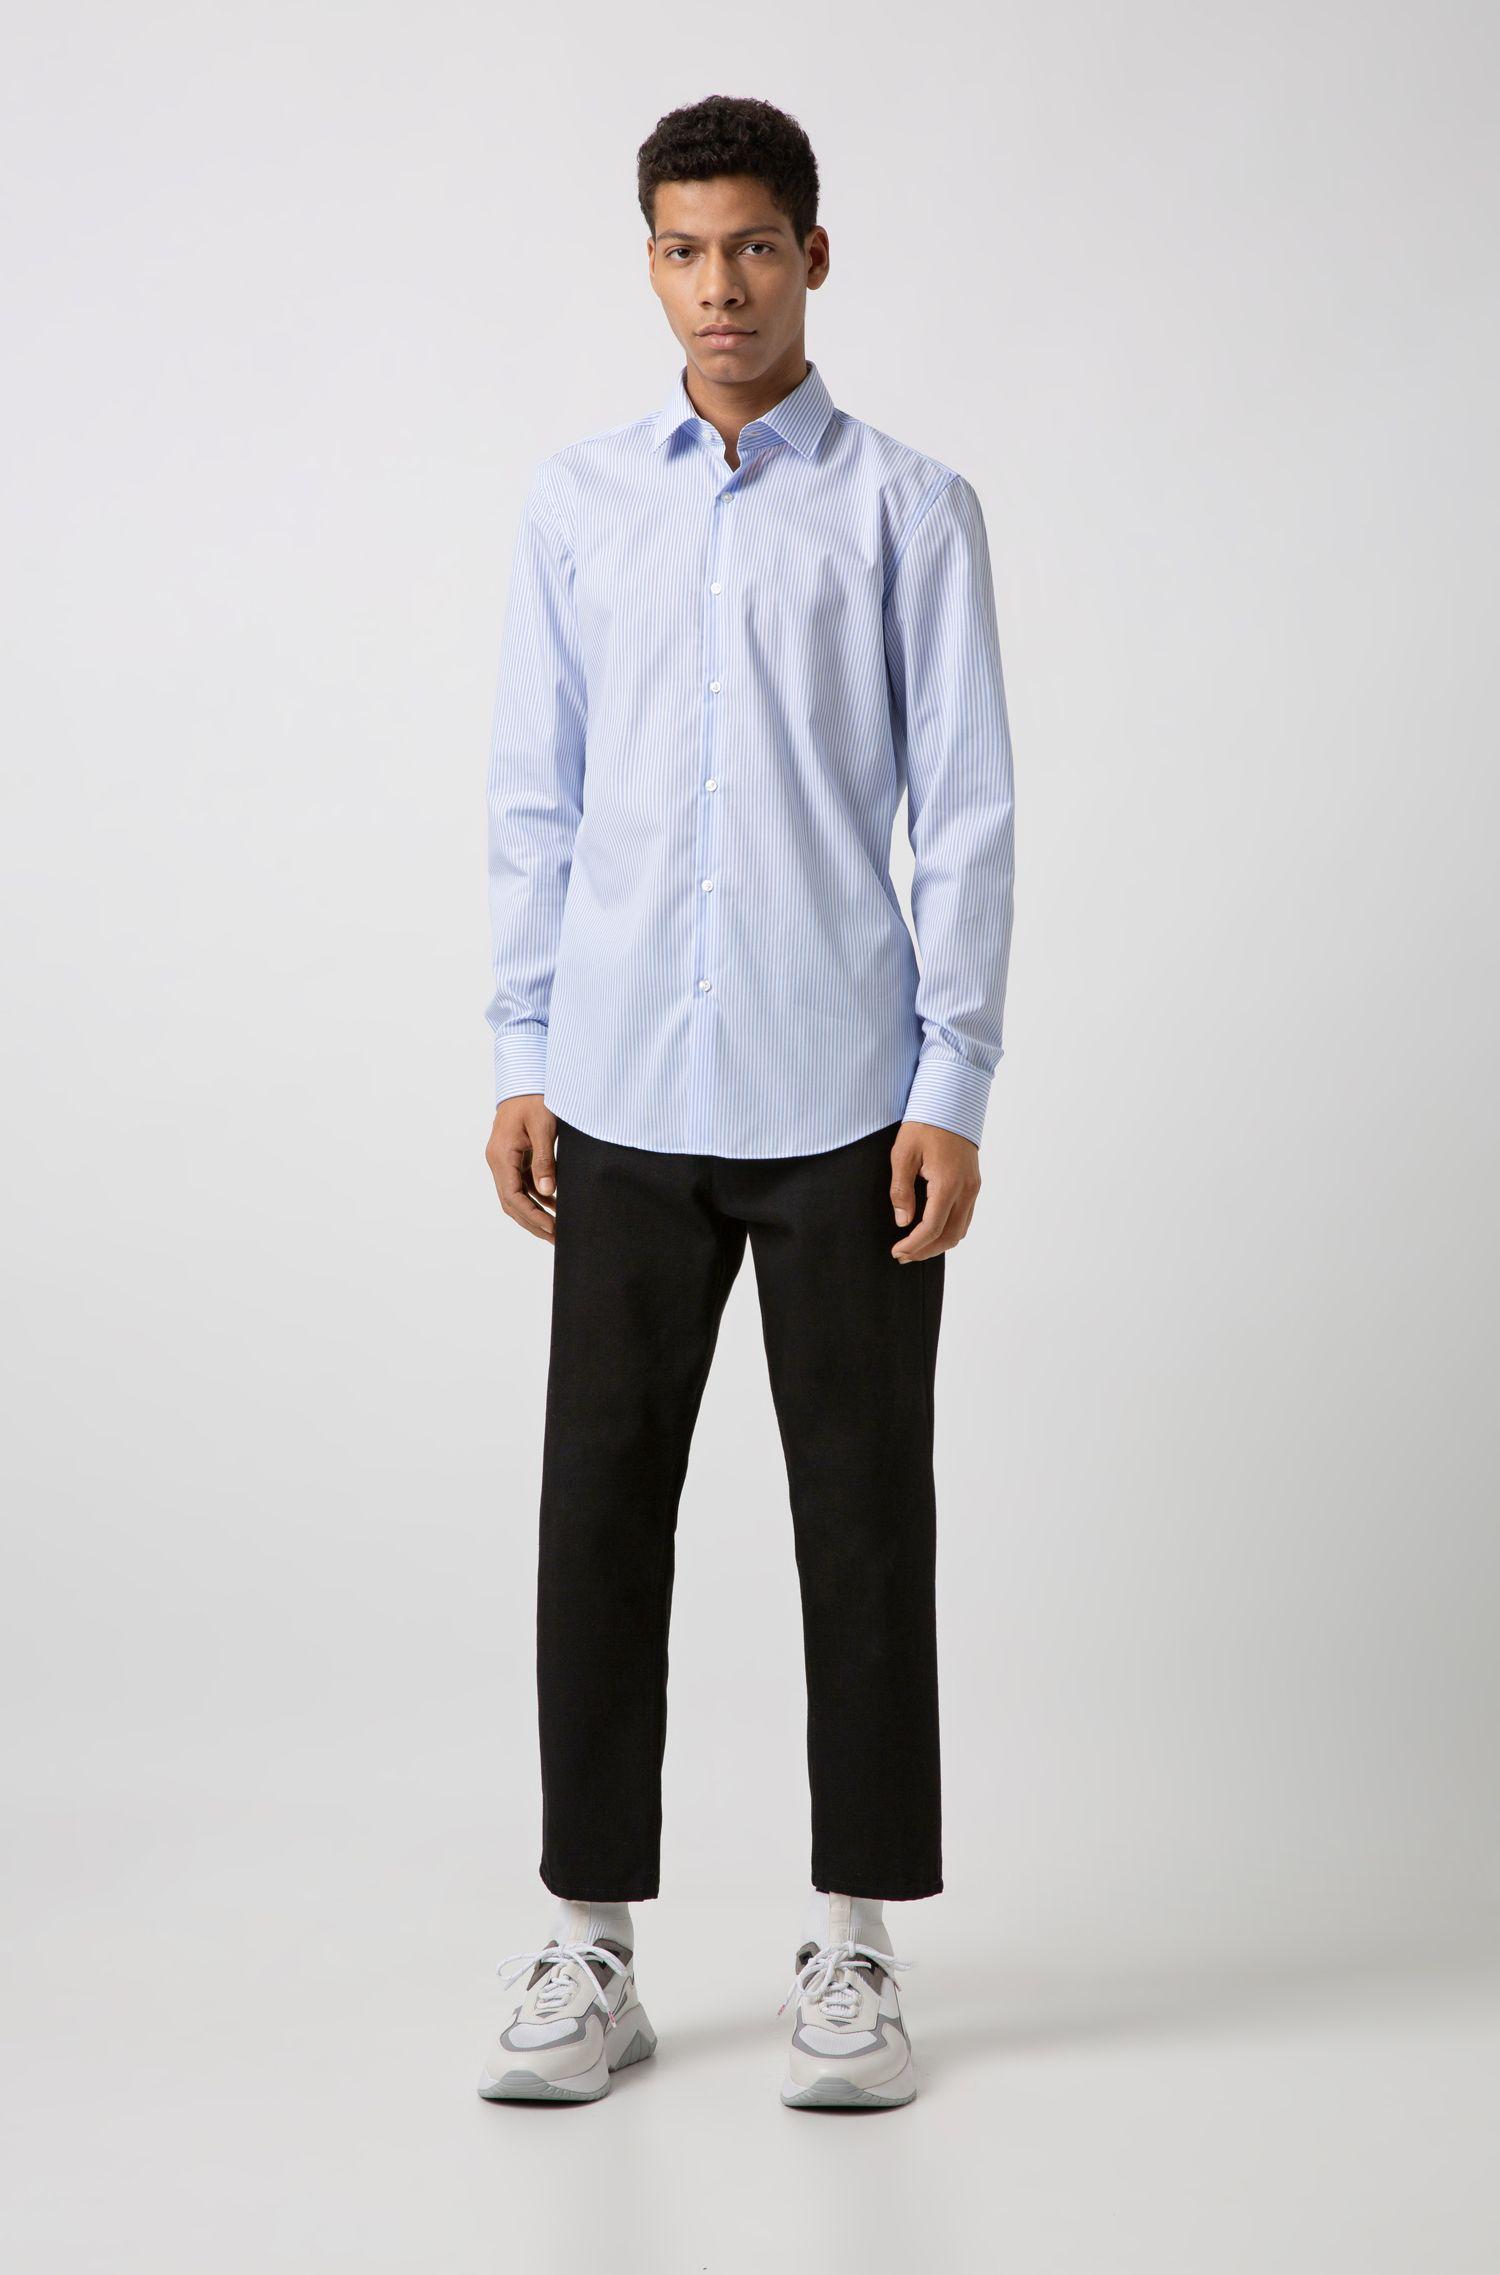 Chemise Slim Fit à rayures en coton facile à repasser, Fantaisie